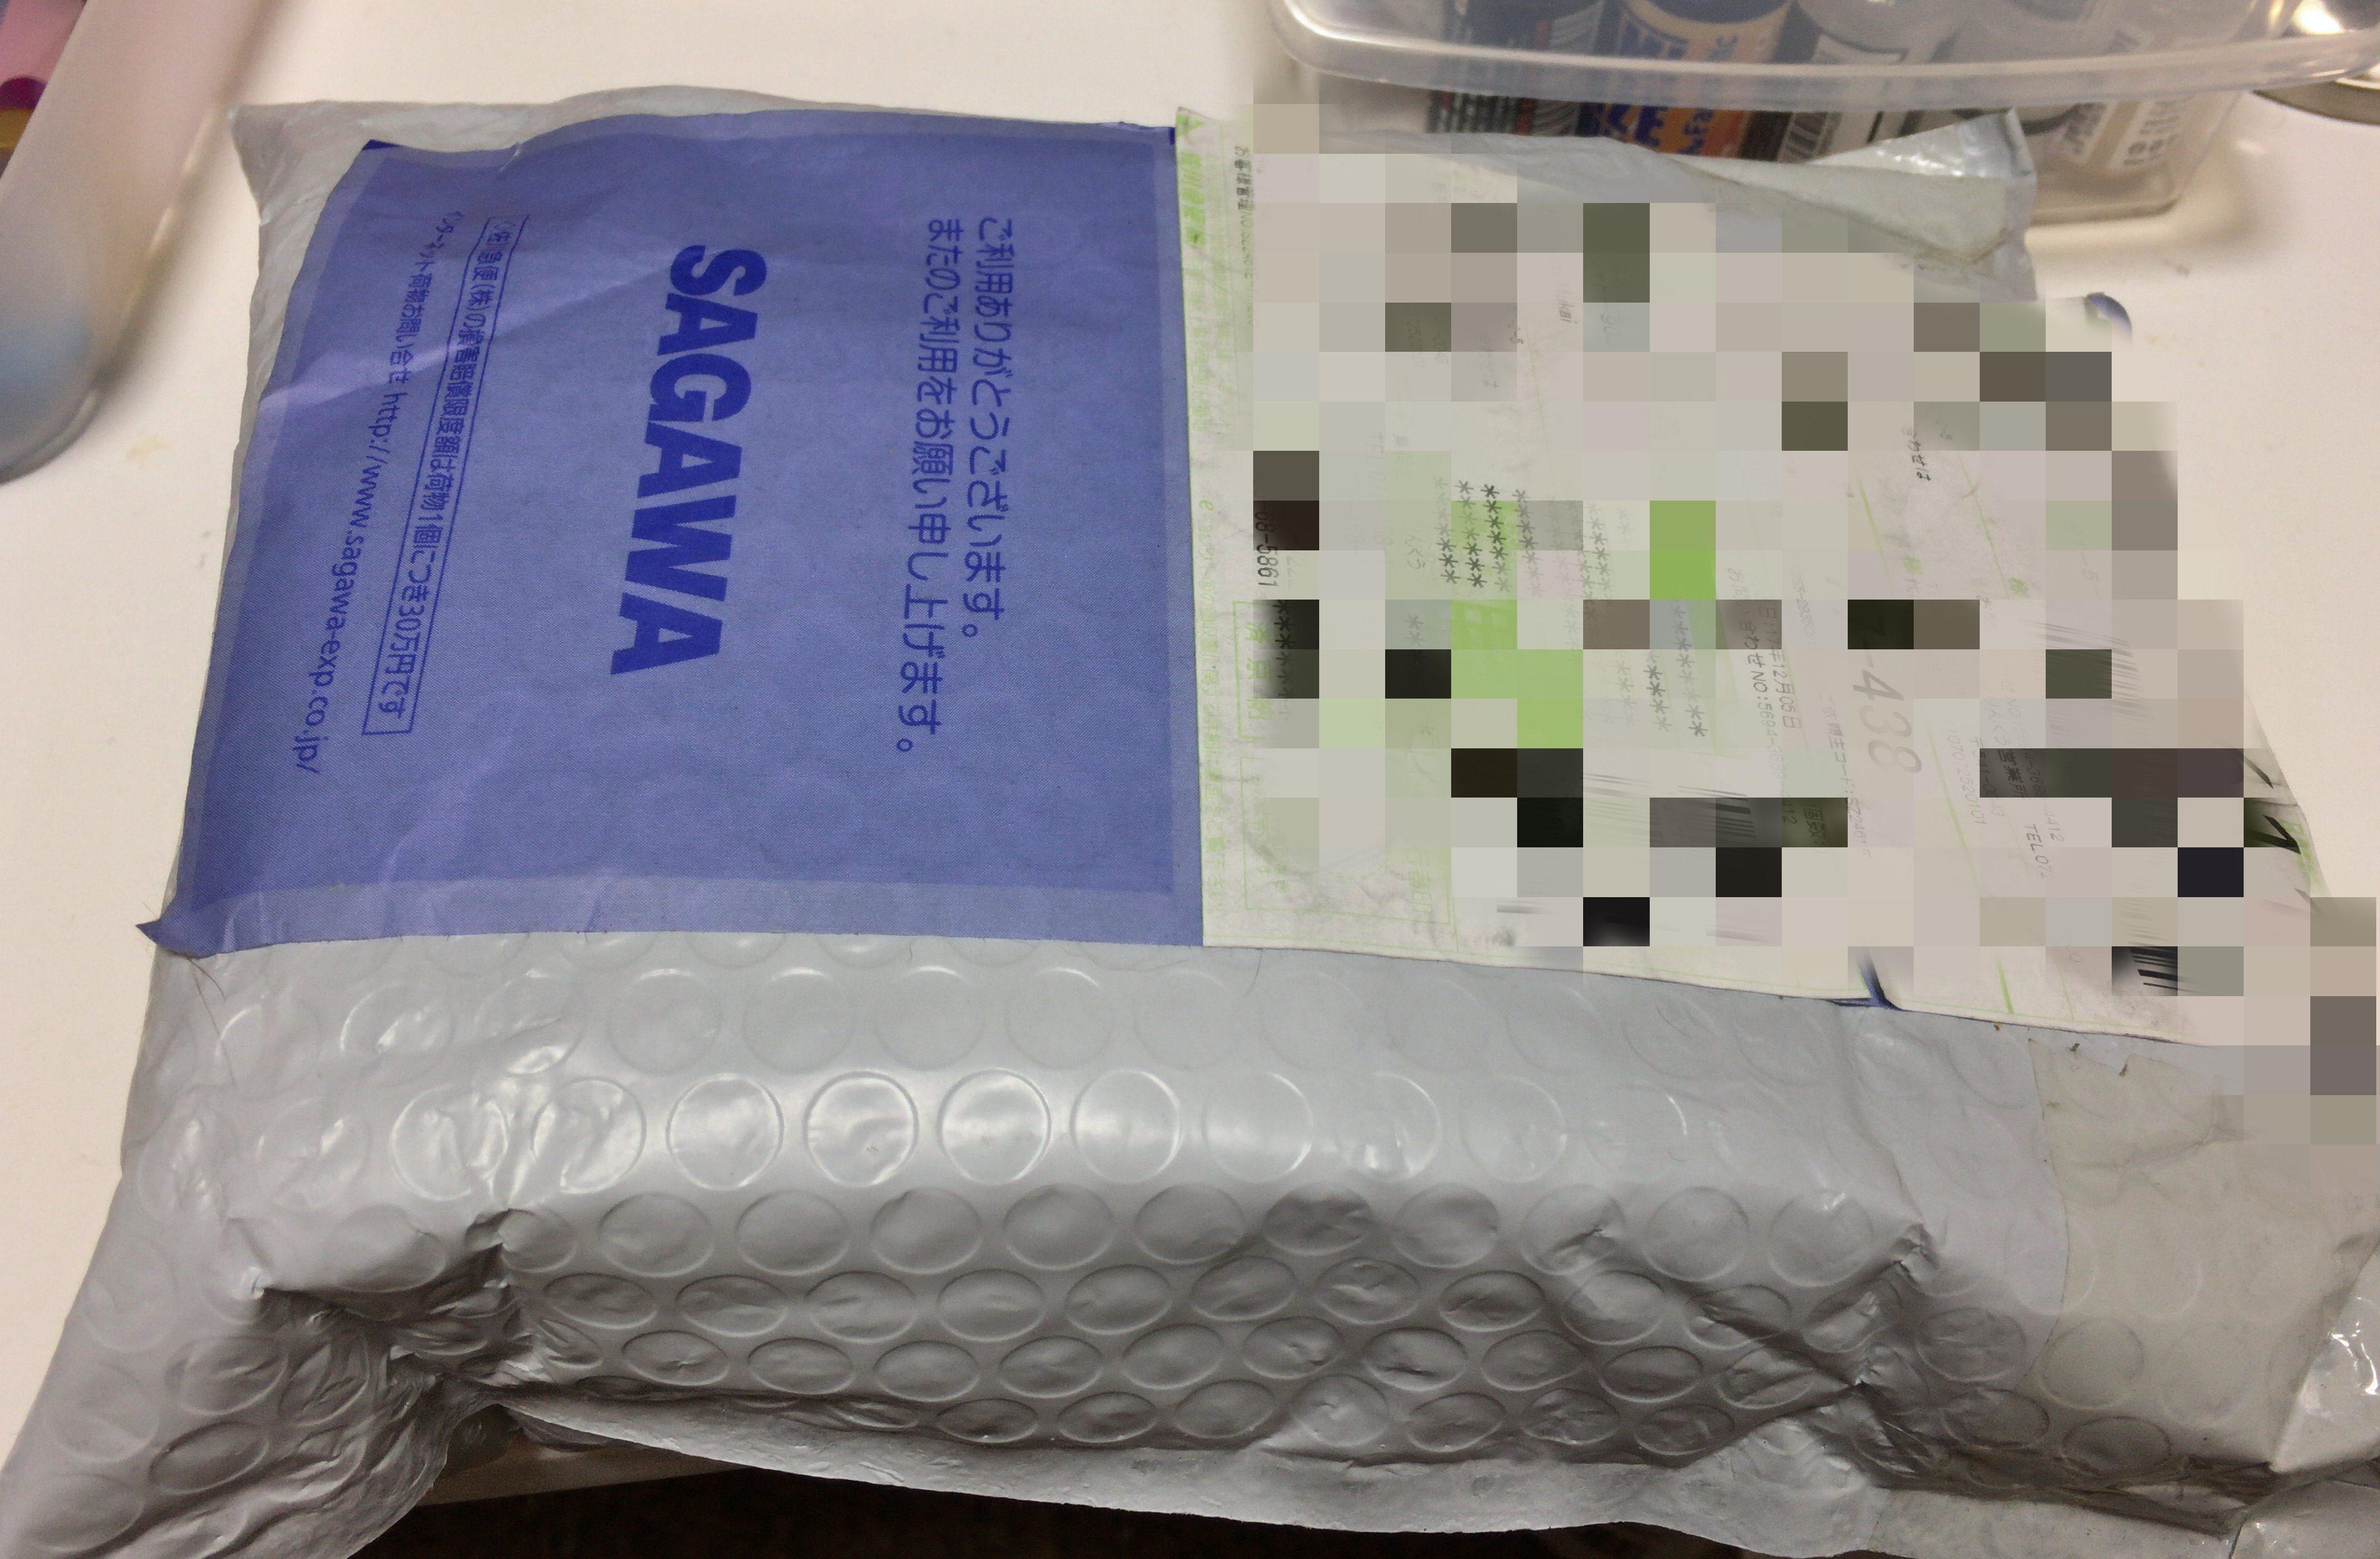 【海外通販】GearbestのLucky Bagで運試ししてみたよ!(到着)